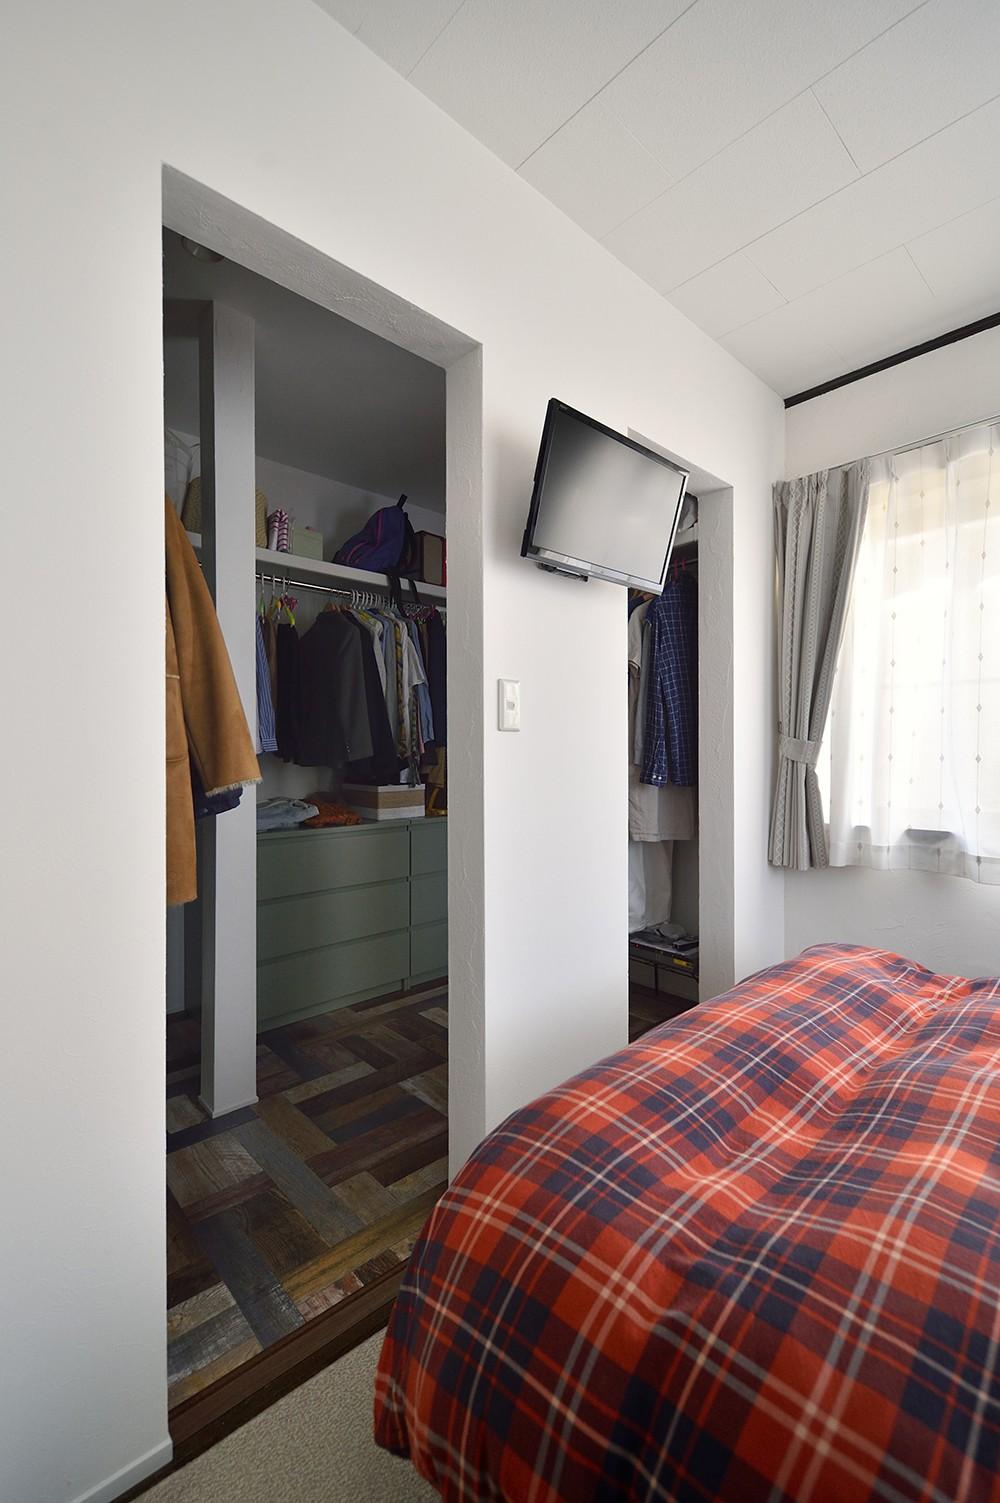 ベッドルーム事例:使いやすさ重視のベッドルーム(お家カフェ ダイニングをカフェスタイルに)